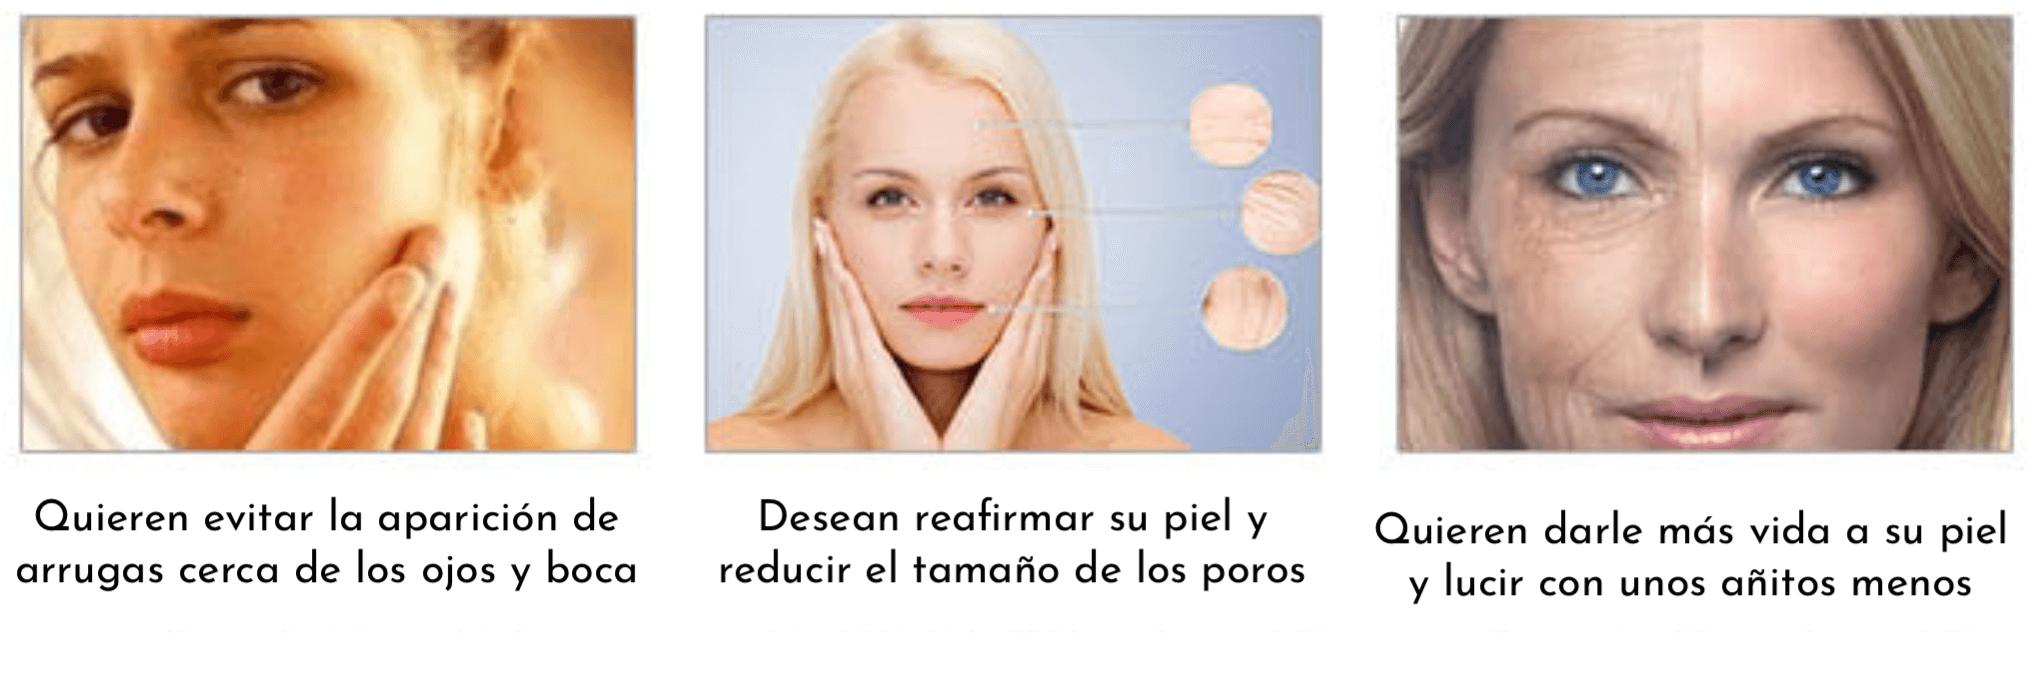 Recomendaciones de THELAVICOS Bio Repair Wrinkle Essence